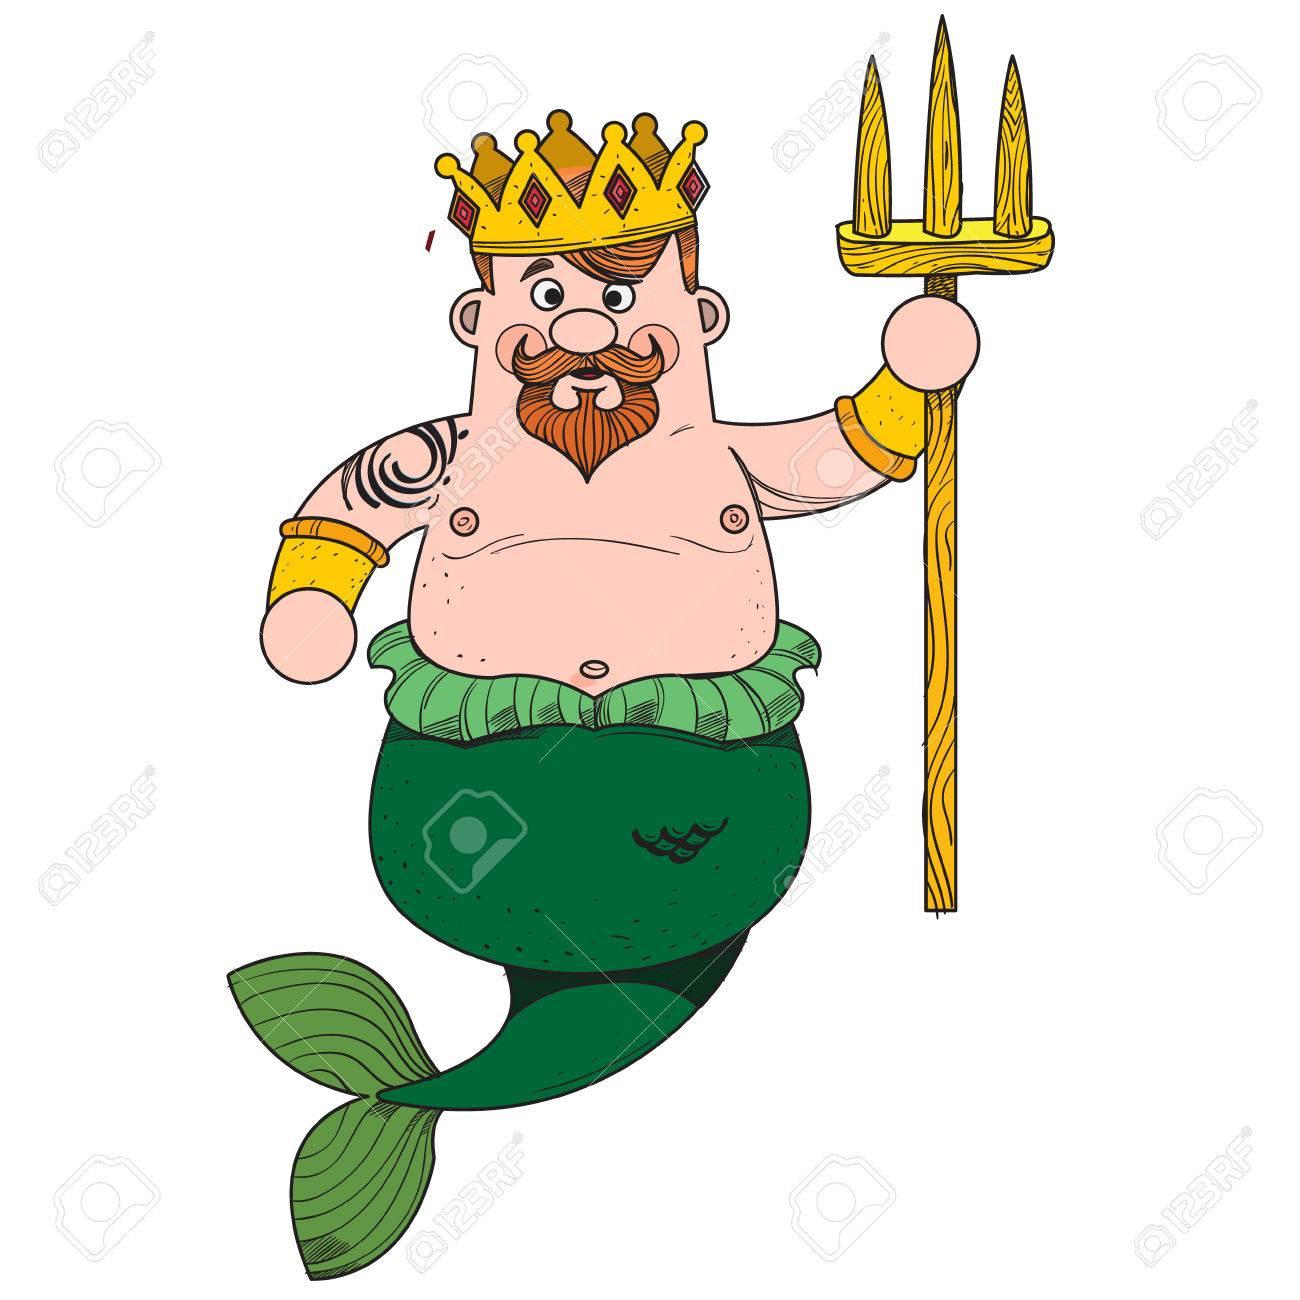 Vettoriale Nettuno Il Personaggio Dei Cartoni Animati è Re Del